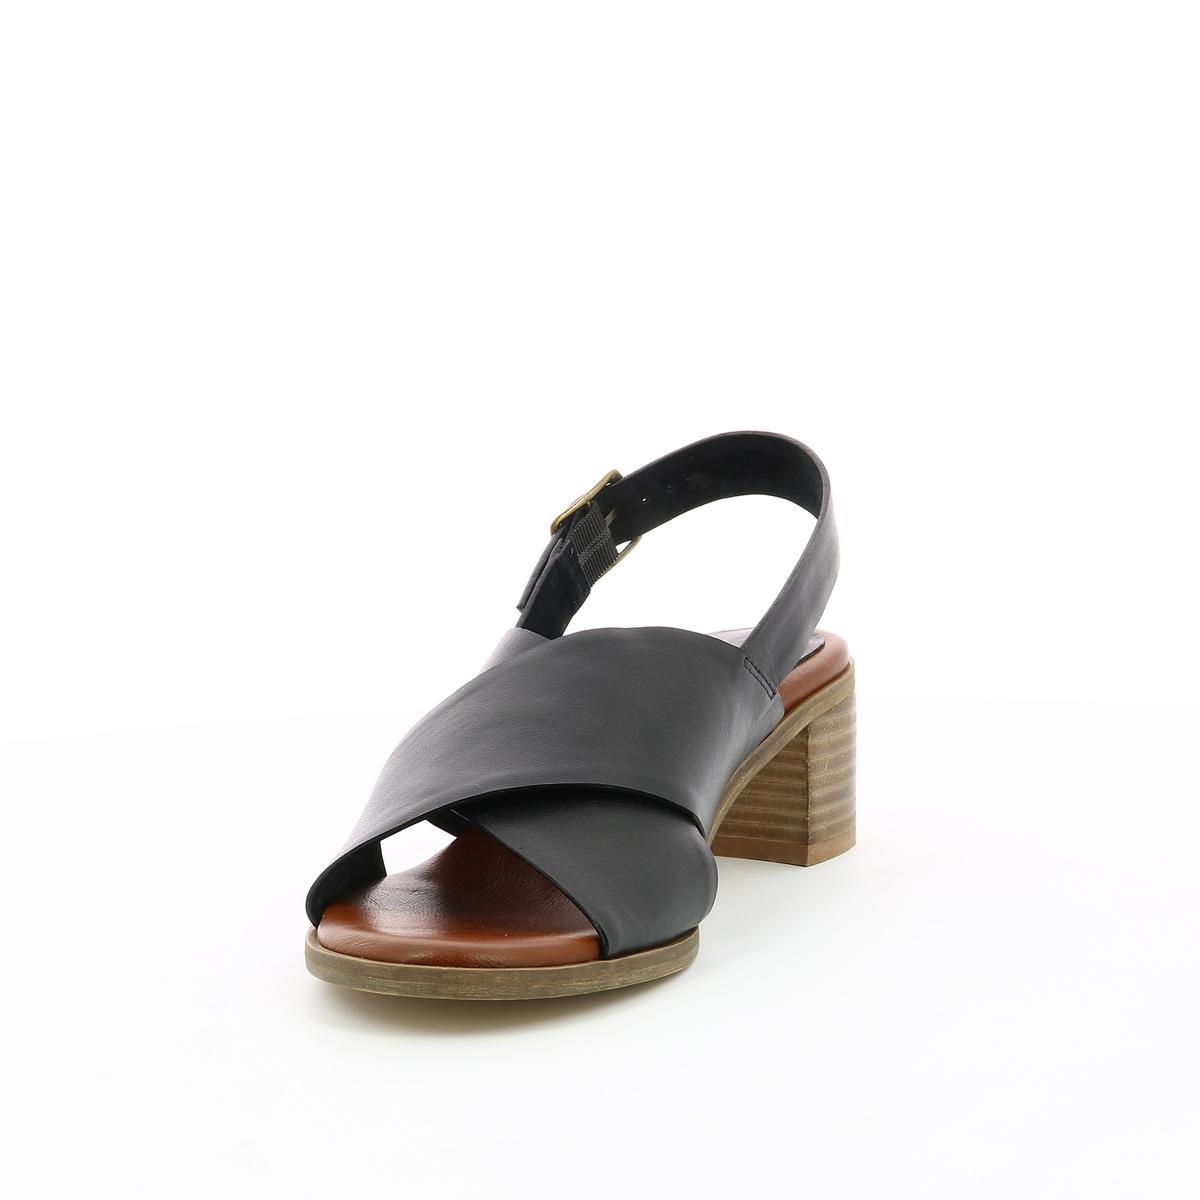 Imagen secundaria de producto de Sandalias de piel Victoriane - Kickers